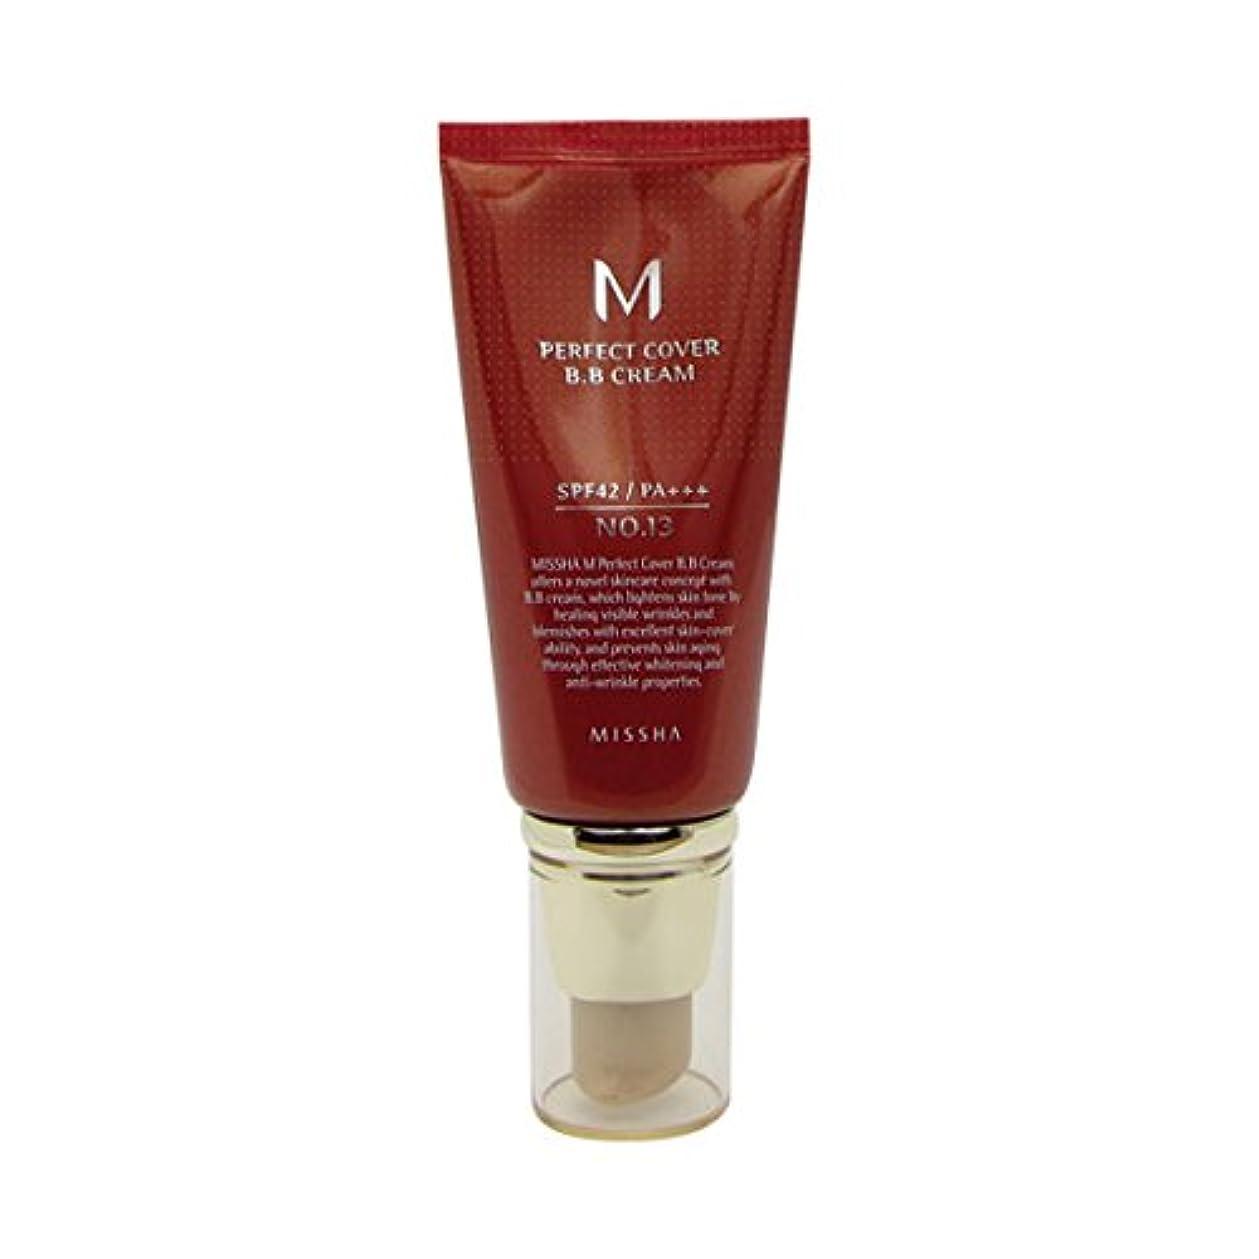 効率的にカウンターパート結晶Missha M Perfect Cover Bb Cream Spf42/pa+++ No.13 Bright Beige 50ml [並行輸入品]